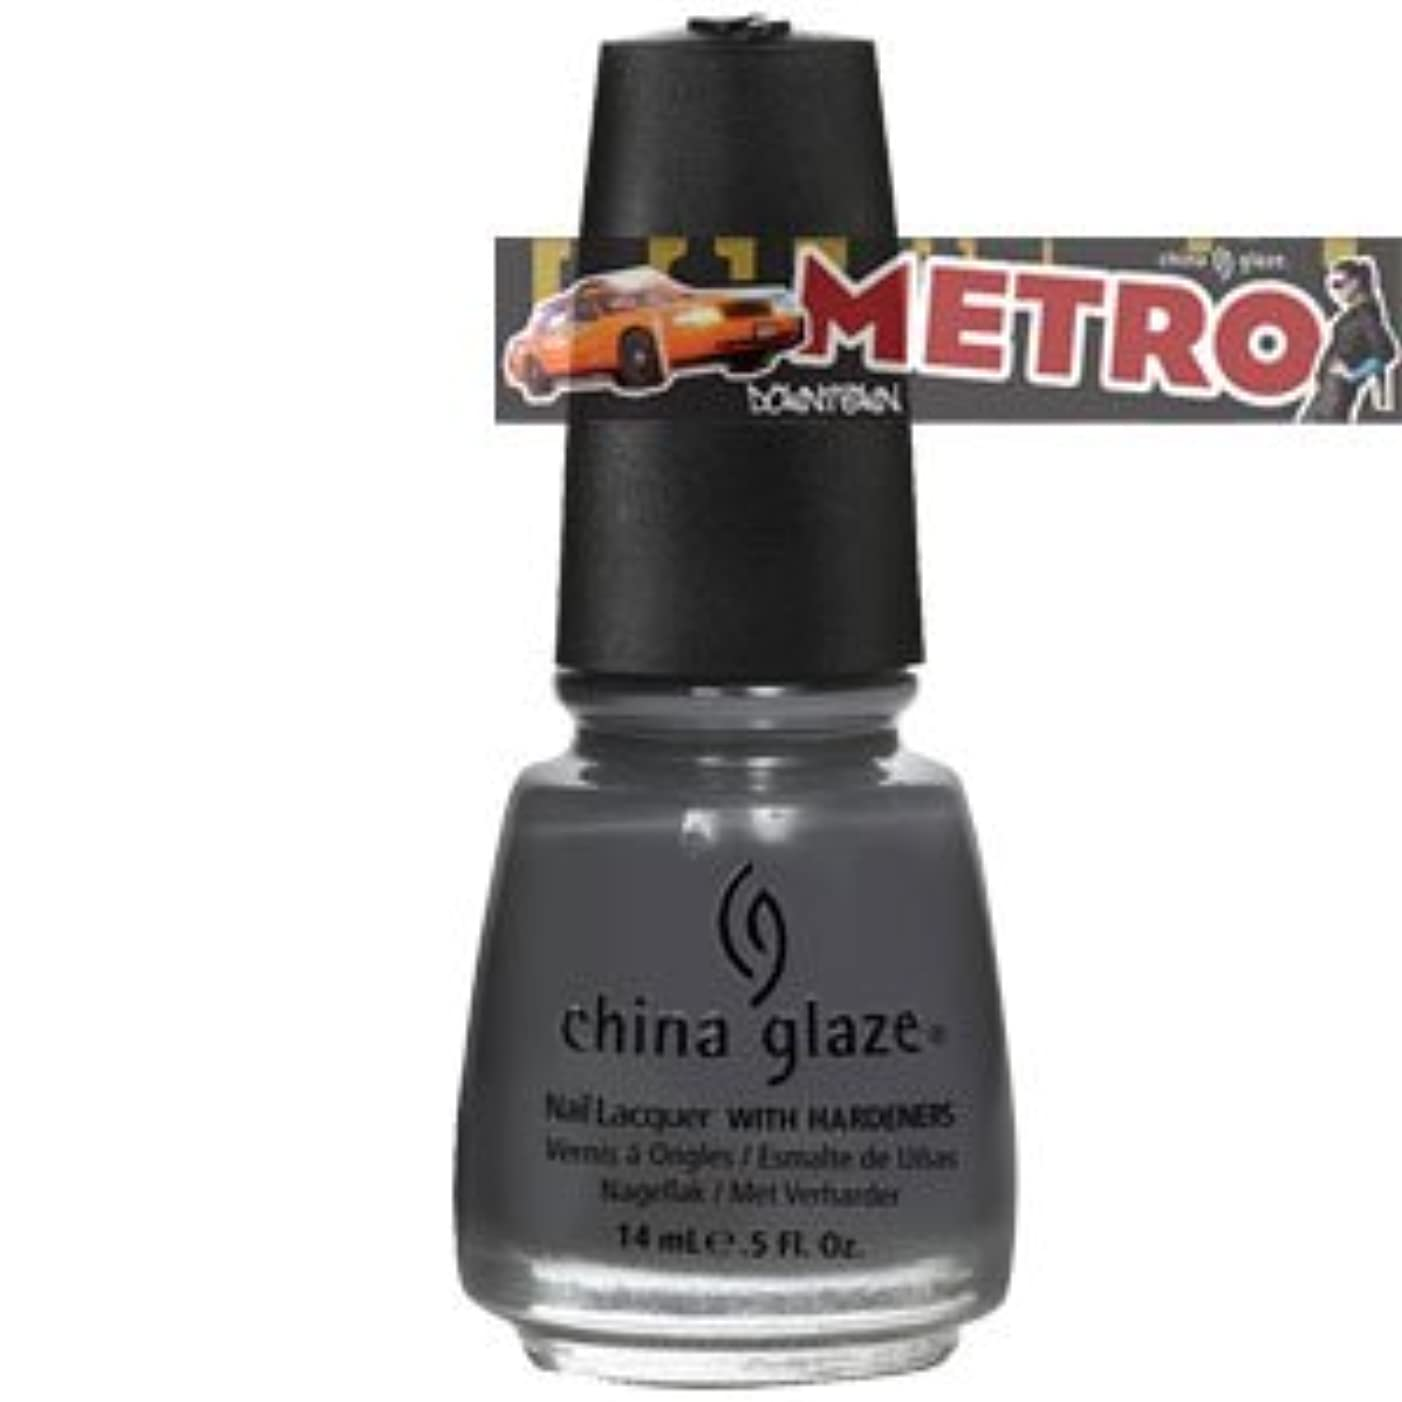 アロング銃メトロポリタン(チャイナグレイズ)China Glaze メトロコレクション? Concrete Catwalk [海外直送品][並行輸入品]